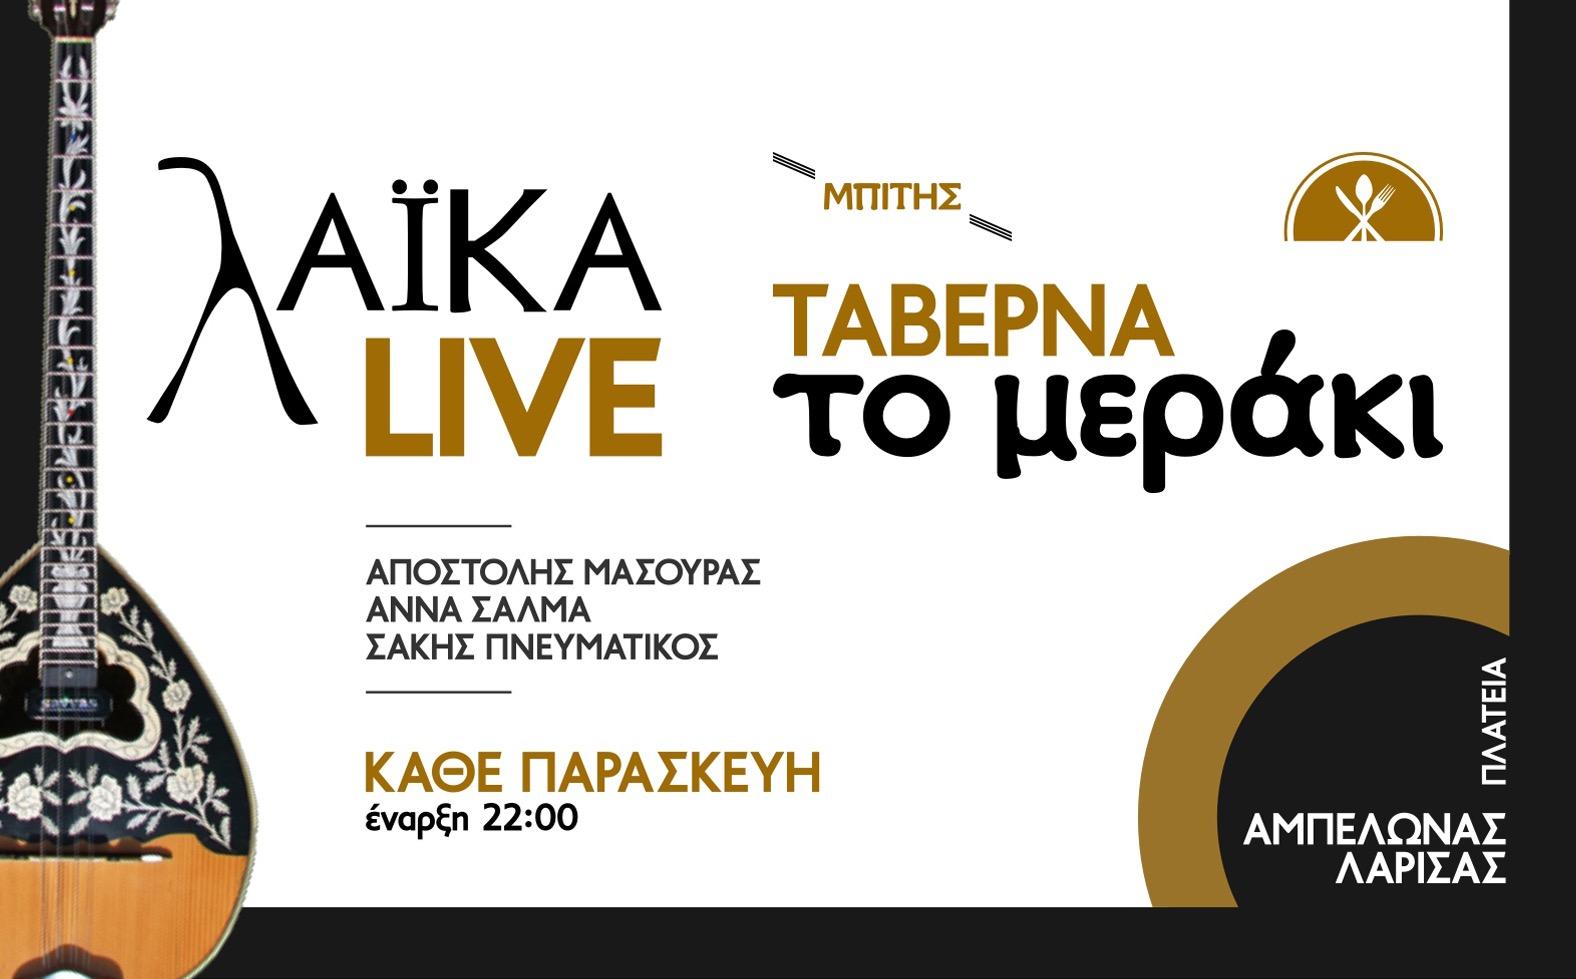 """Τα βράδια της Παρασκευής αποκτούν άλλο νόημα με LIVE λαϊκή μουσική στην ταβέρνα """"Το μεράκι"""" (Μπίτης) στον Αμπελώνα Λάρισας!"""